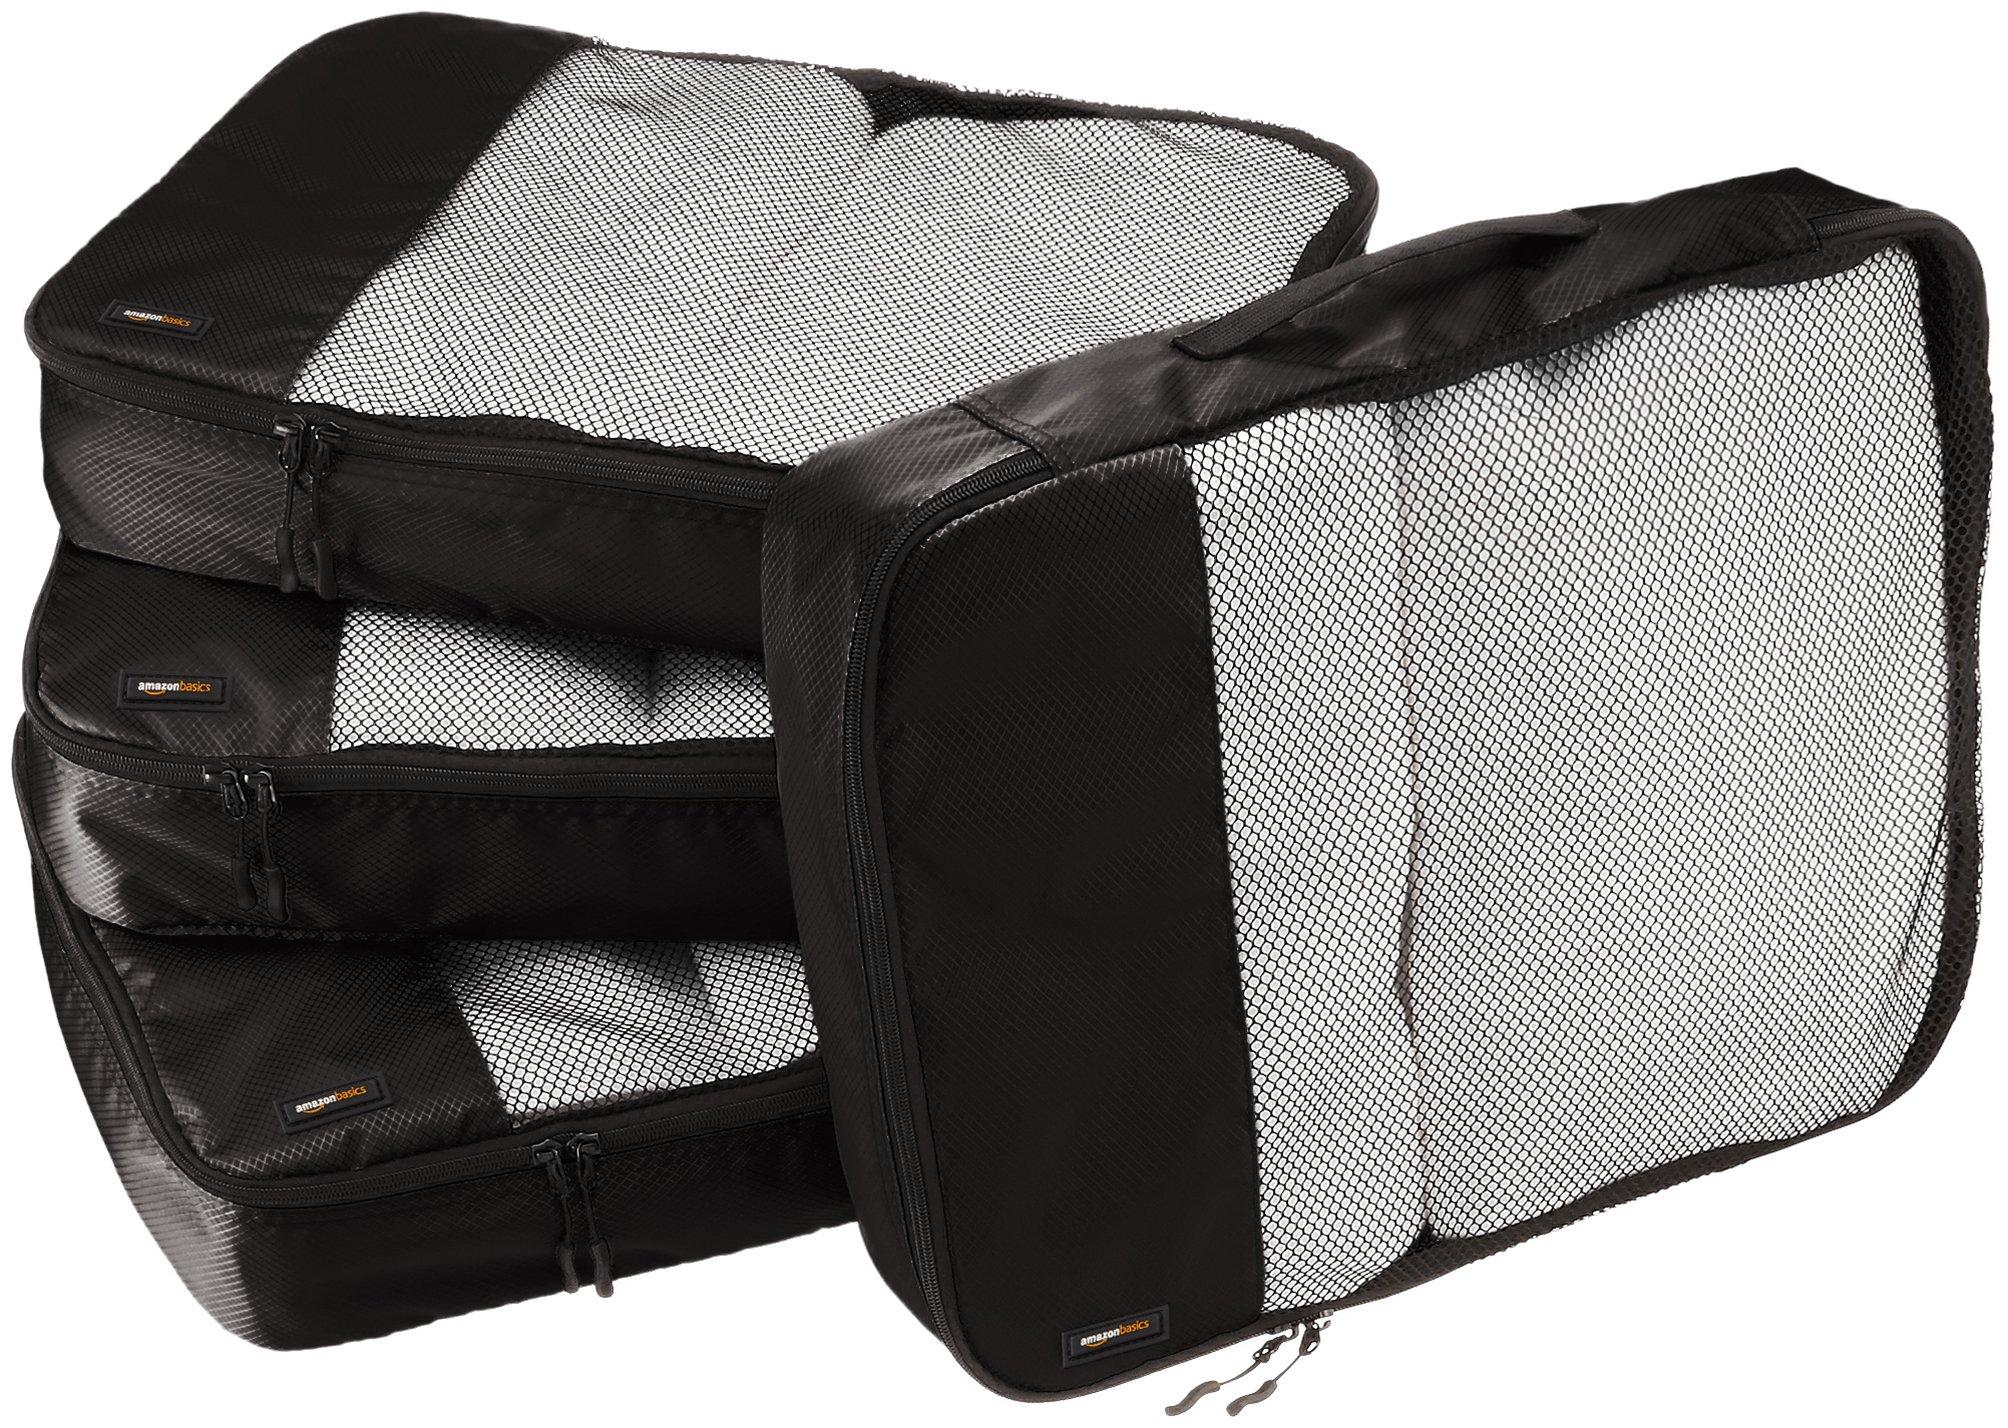 AmazonBasics Lot de 4 sacoches de rangement pour bagage Taille L, Noir  product image 2e7679c0a5e